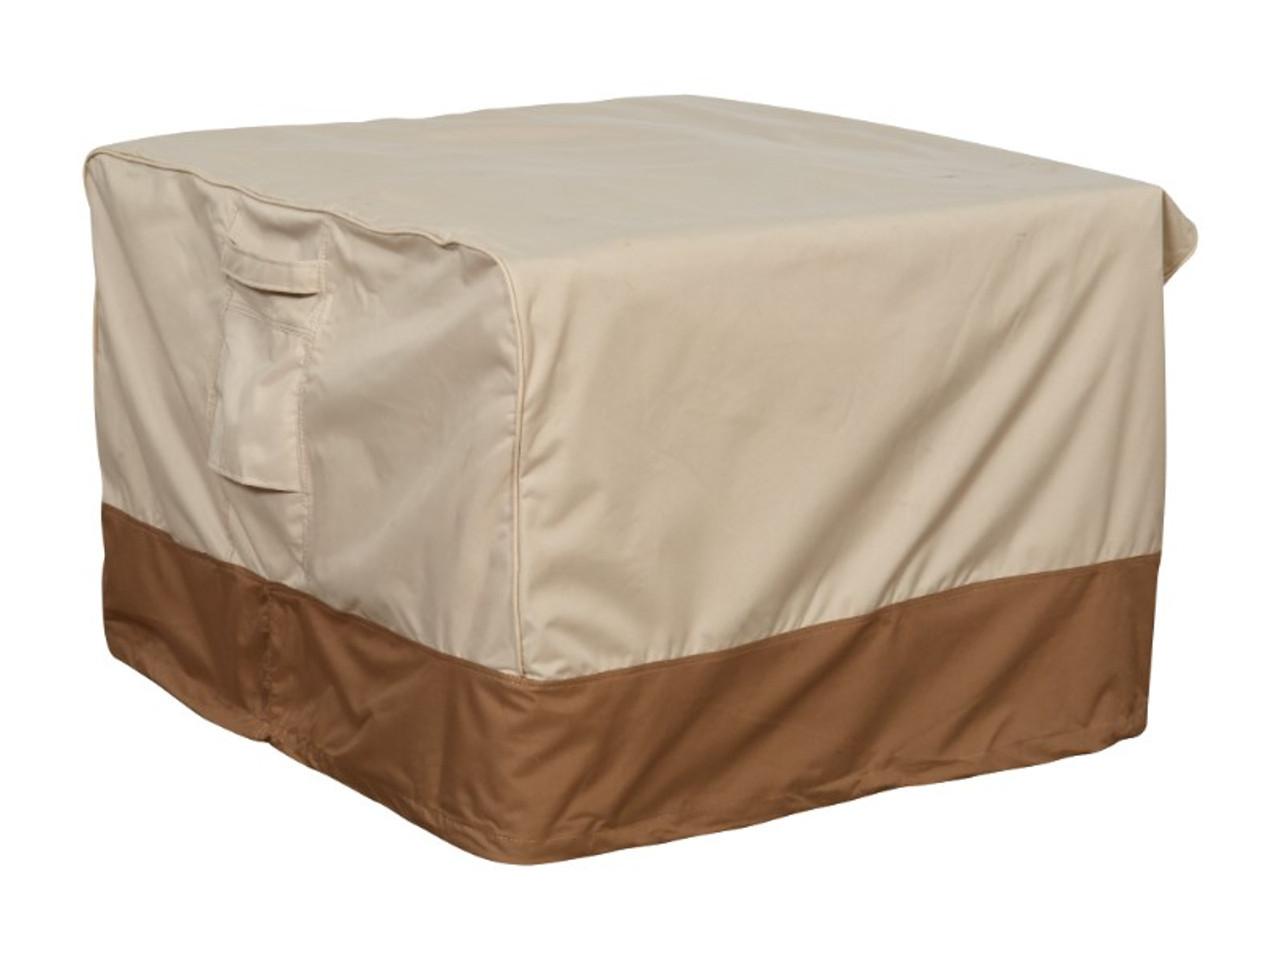 Savanna box chair cover